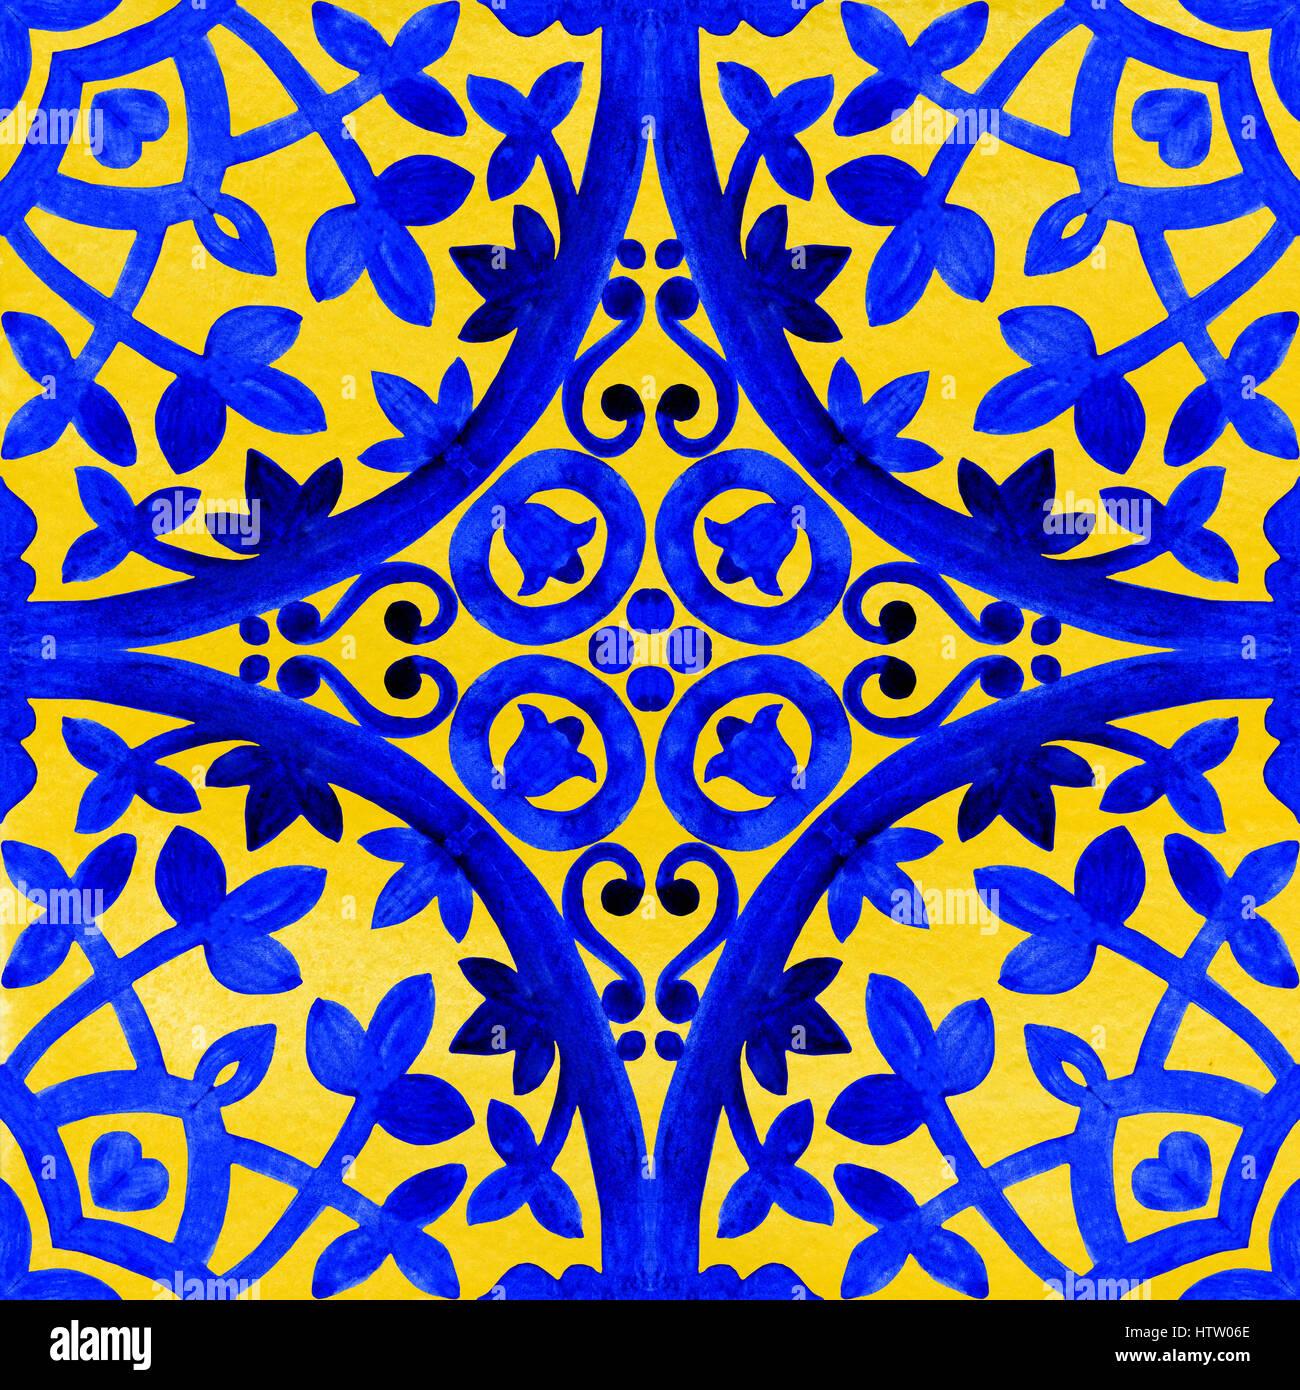 Portugiesischen AzulejoFliesen Blaue Und Weiße Wunderschöne - Tapete portugiesische fliesen